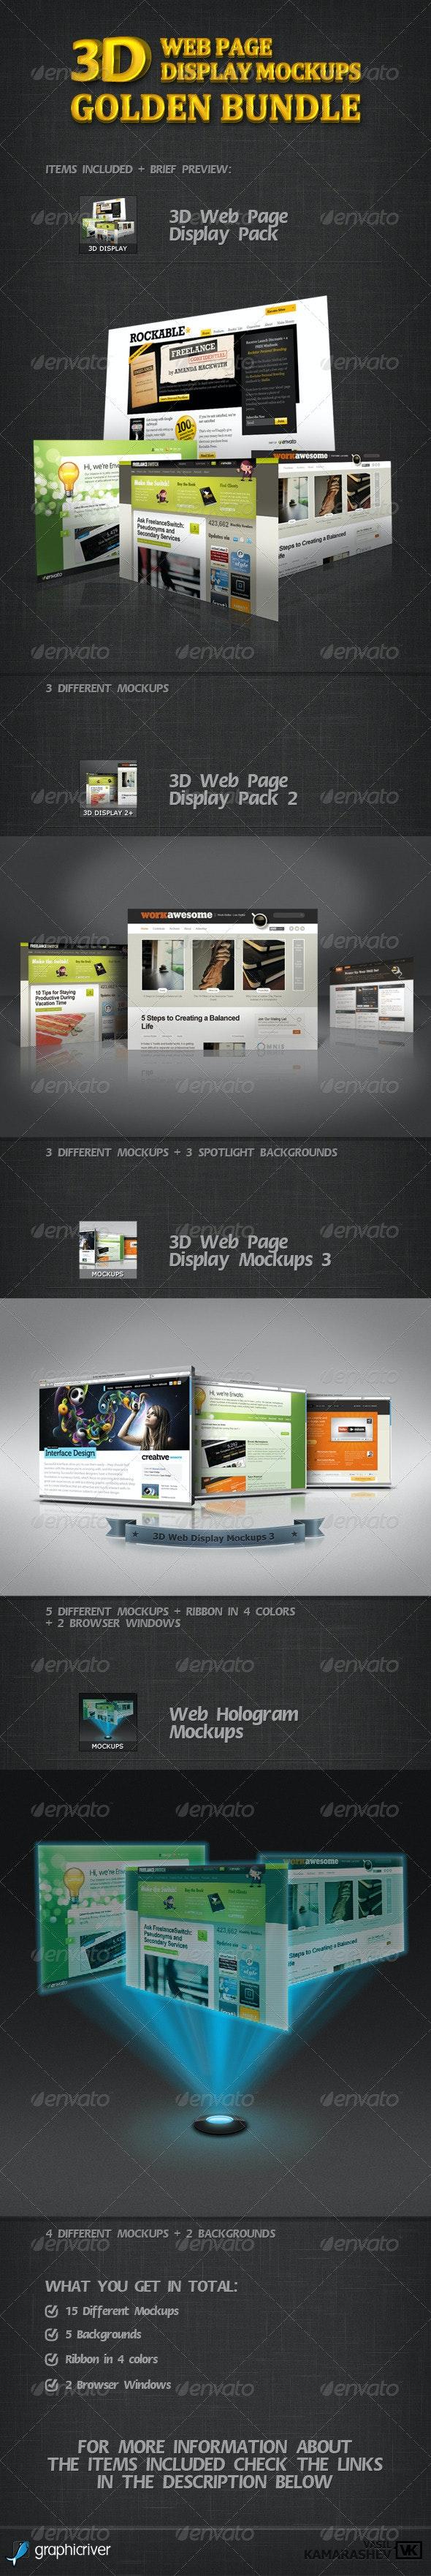 3D Web Page Display Mockups Golden Bundle - Website Displays